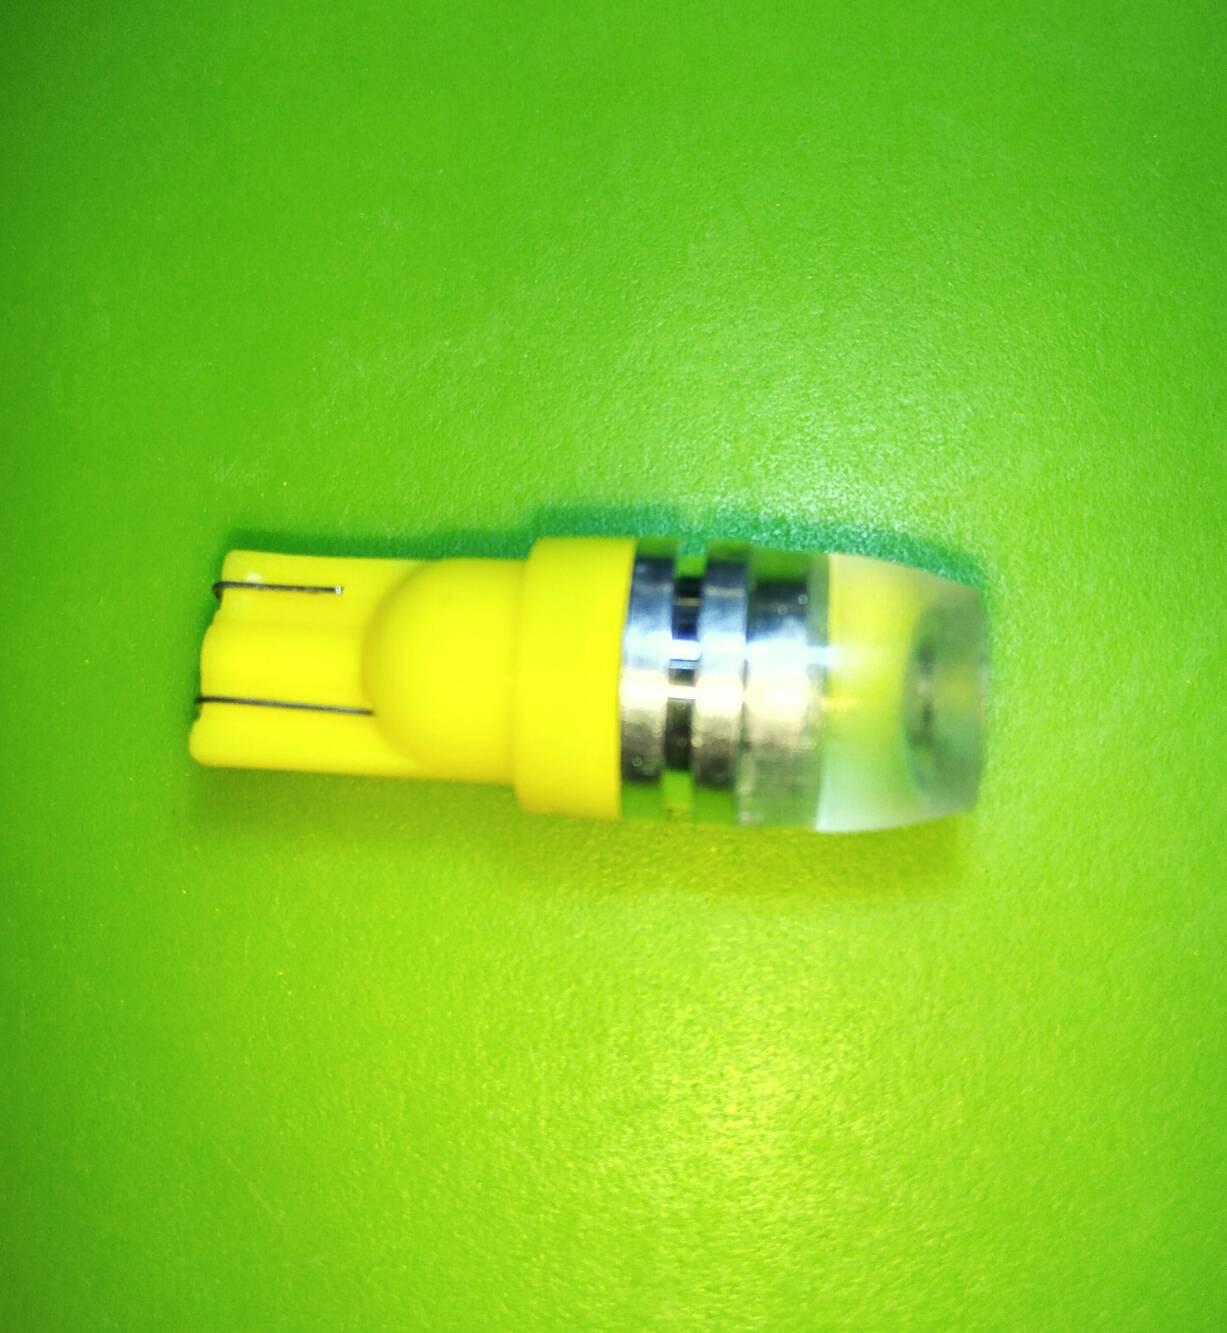 ไฟเลี้ยวแก้ม LED แสงสีเหลืองขา T10